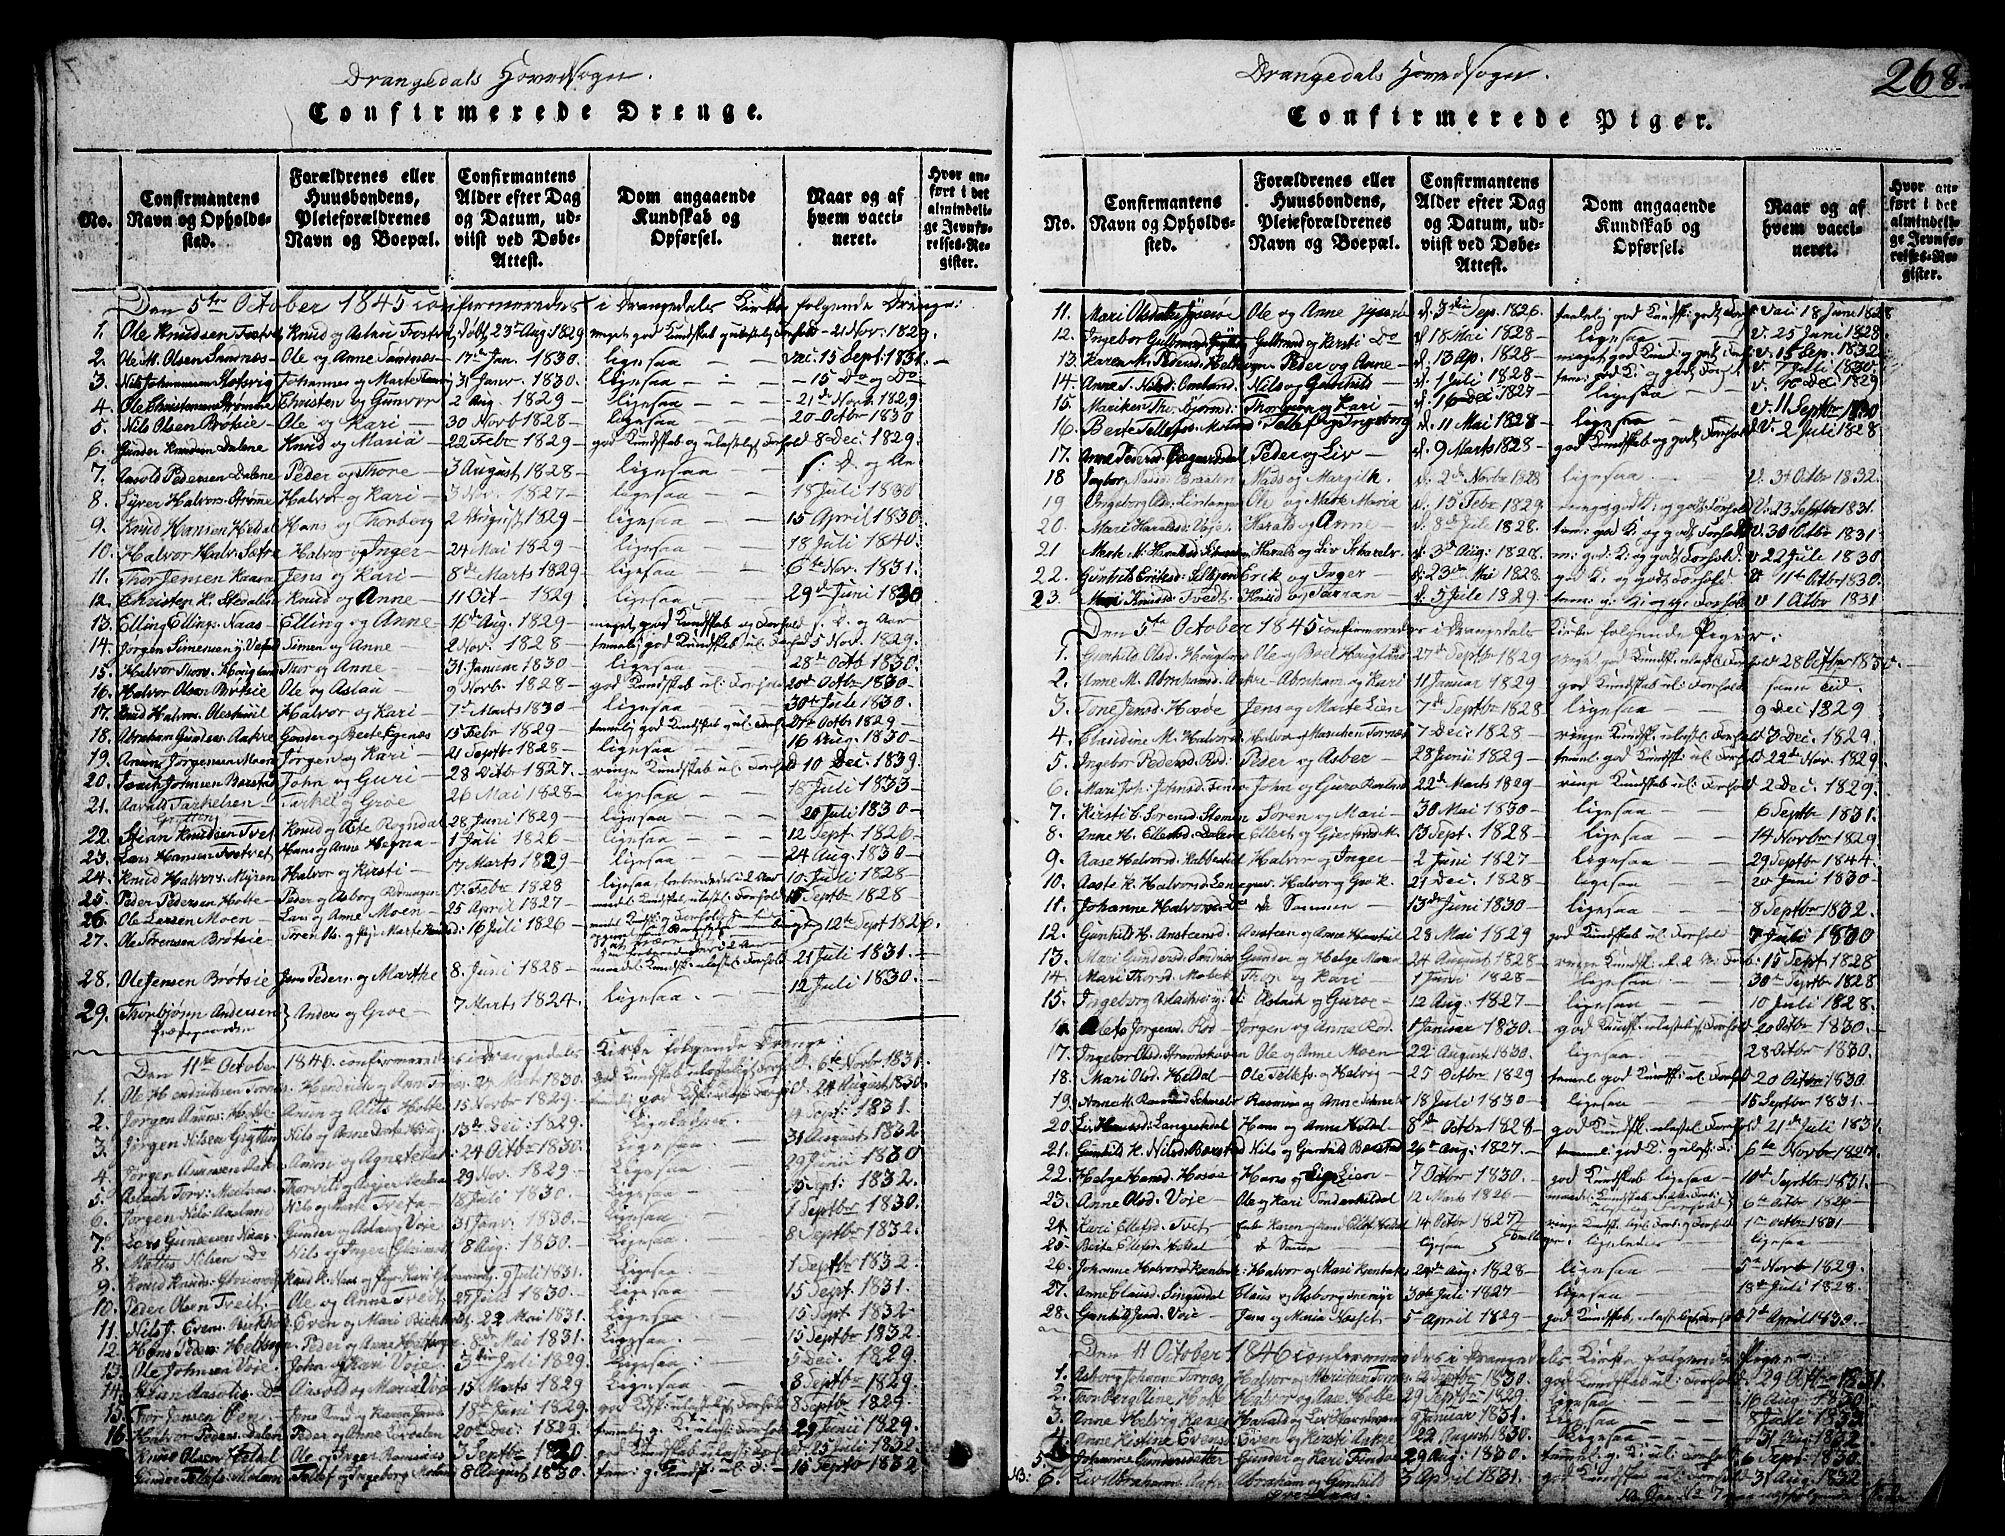 SAKO, Drangedal kirkebøker, G/Ga/L0001: Klokkerbok nr. I 1 /1, 1814-1856, s. 268